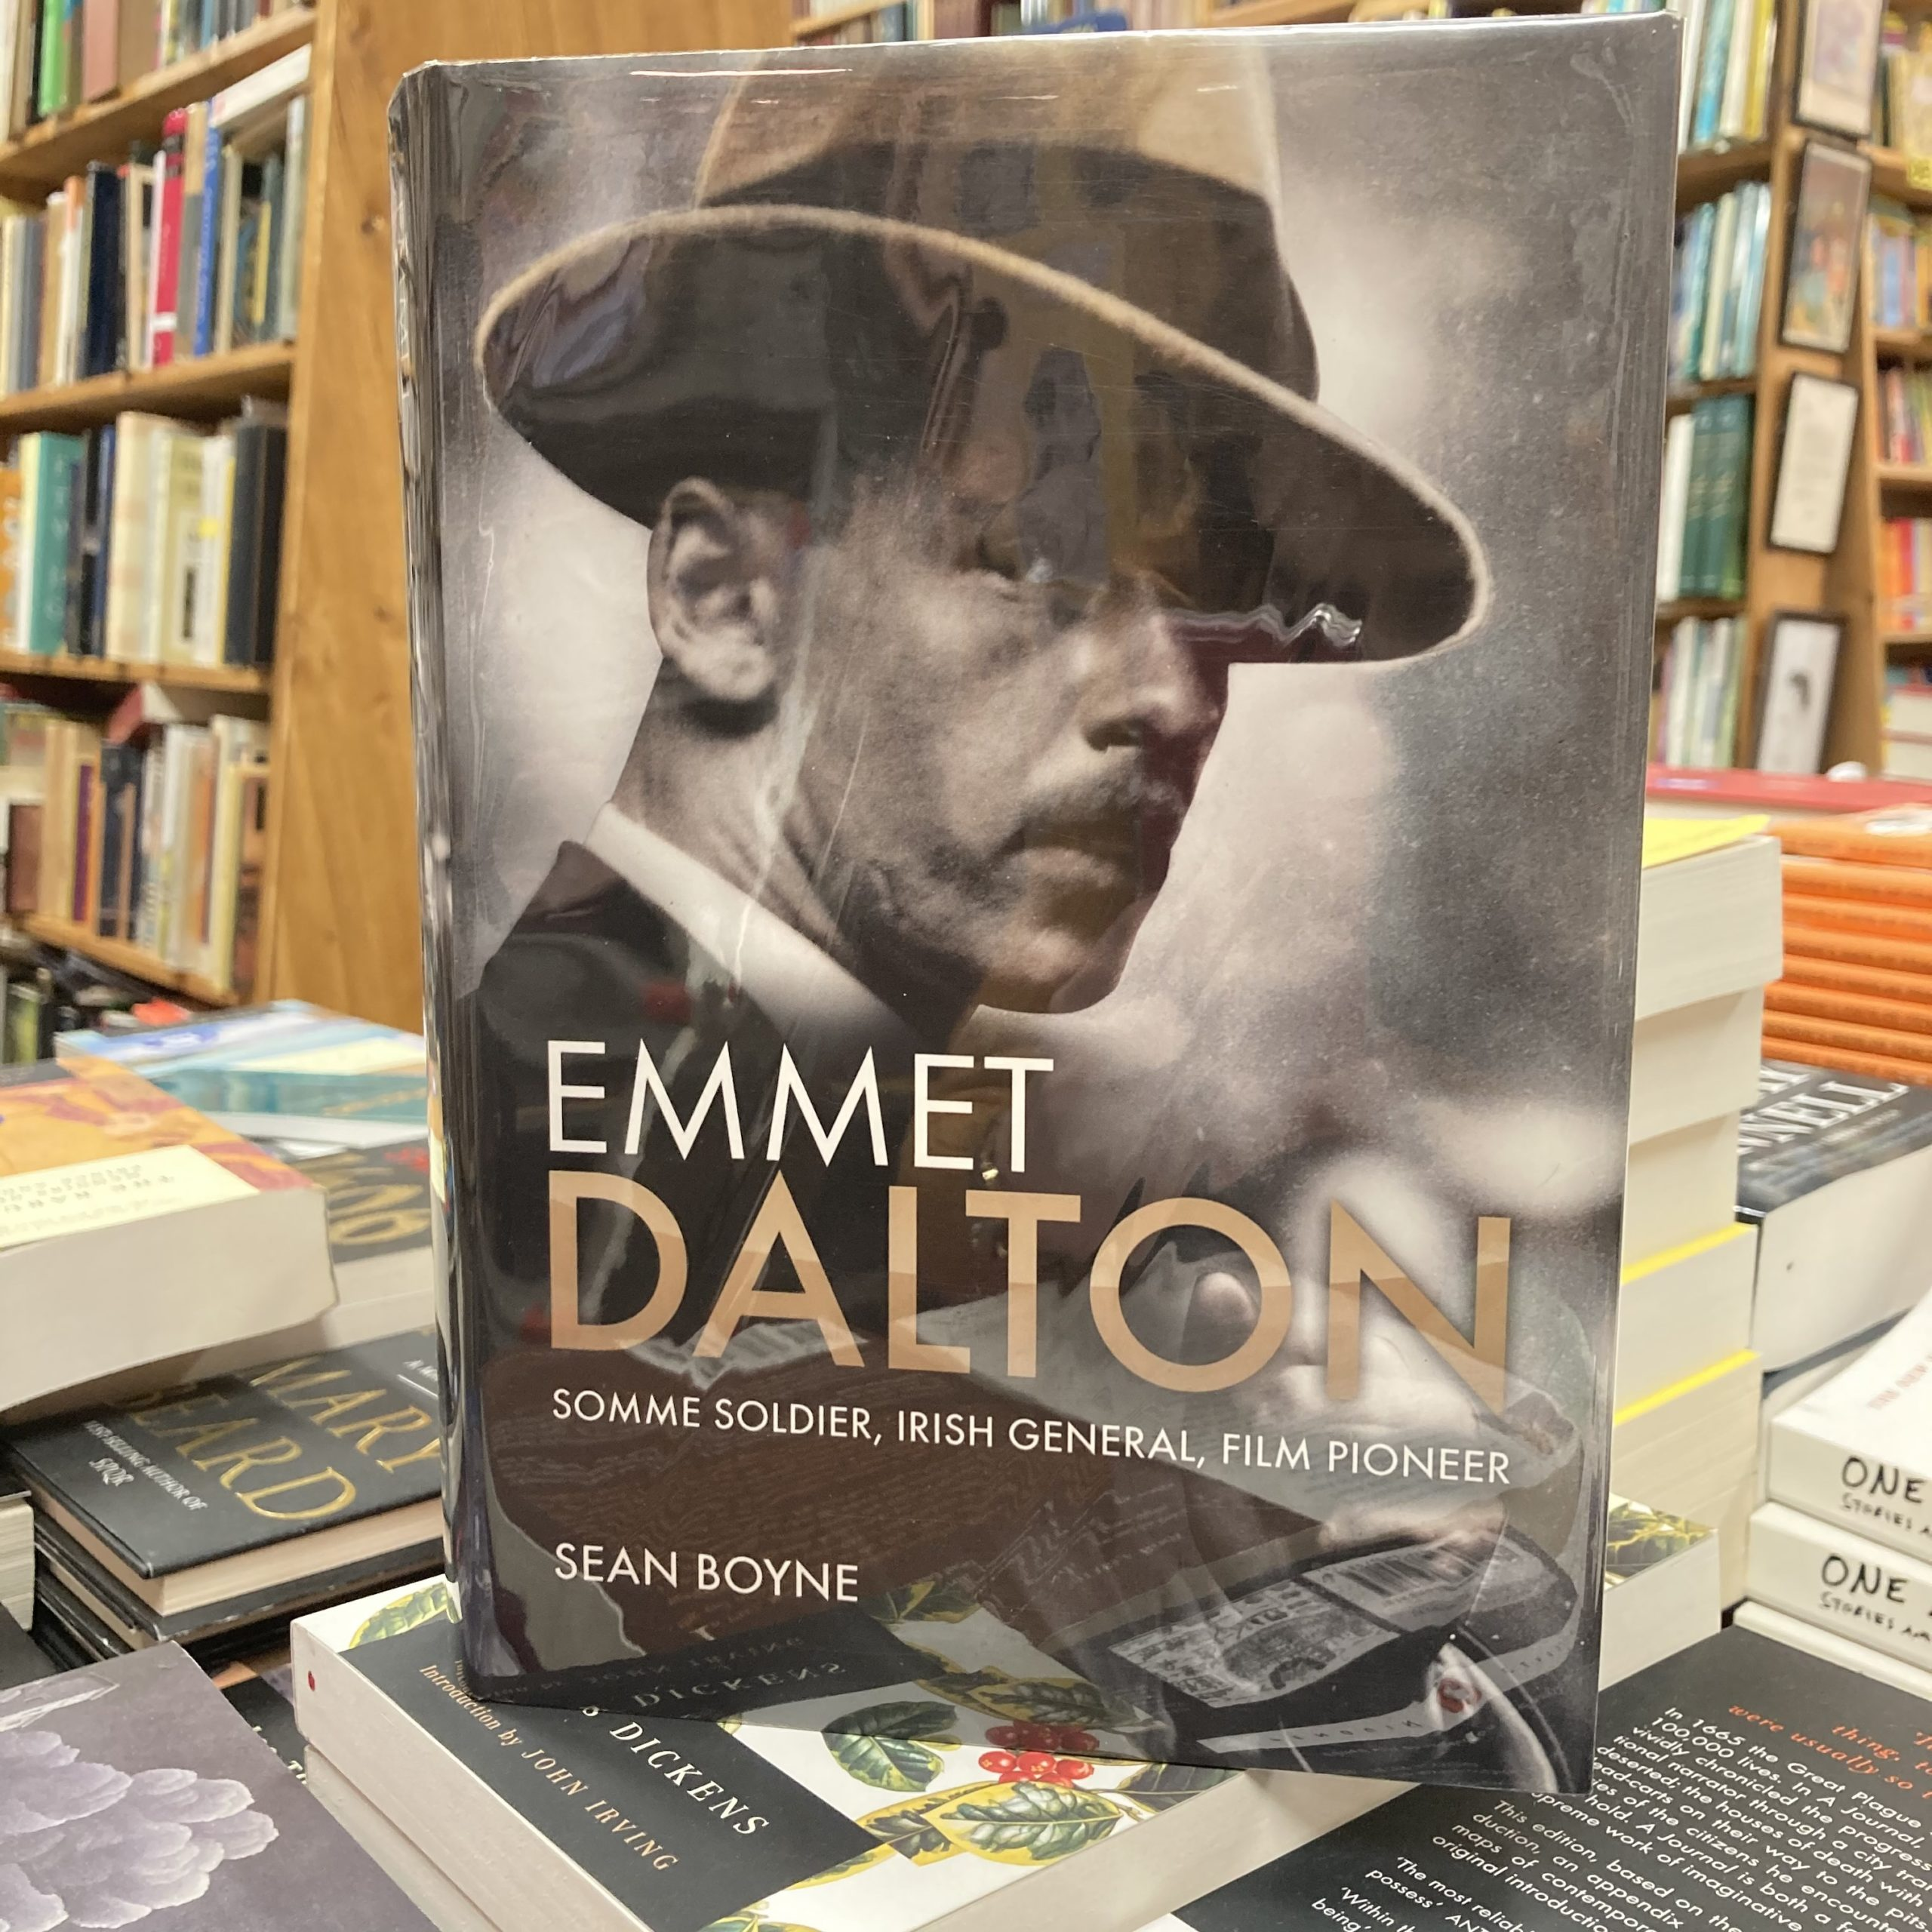 Emmet Dalton – Somme Soldier, Irish General, Film Pioneer | Sean Boyne | Charlie Byrne's